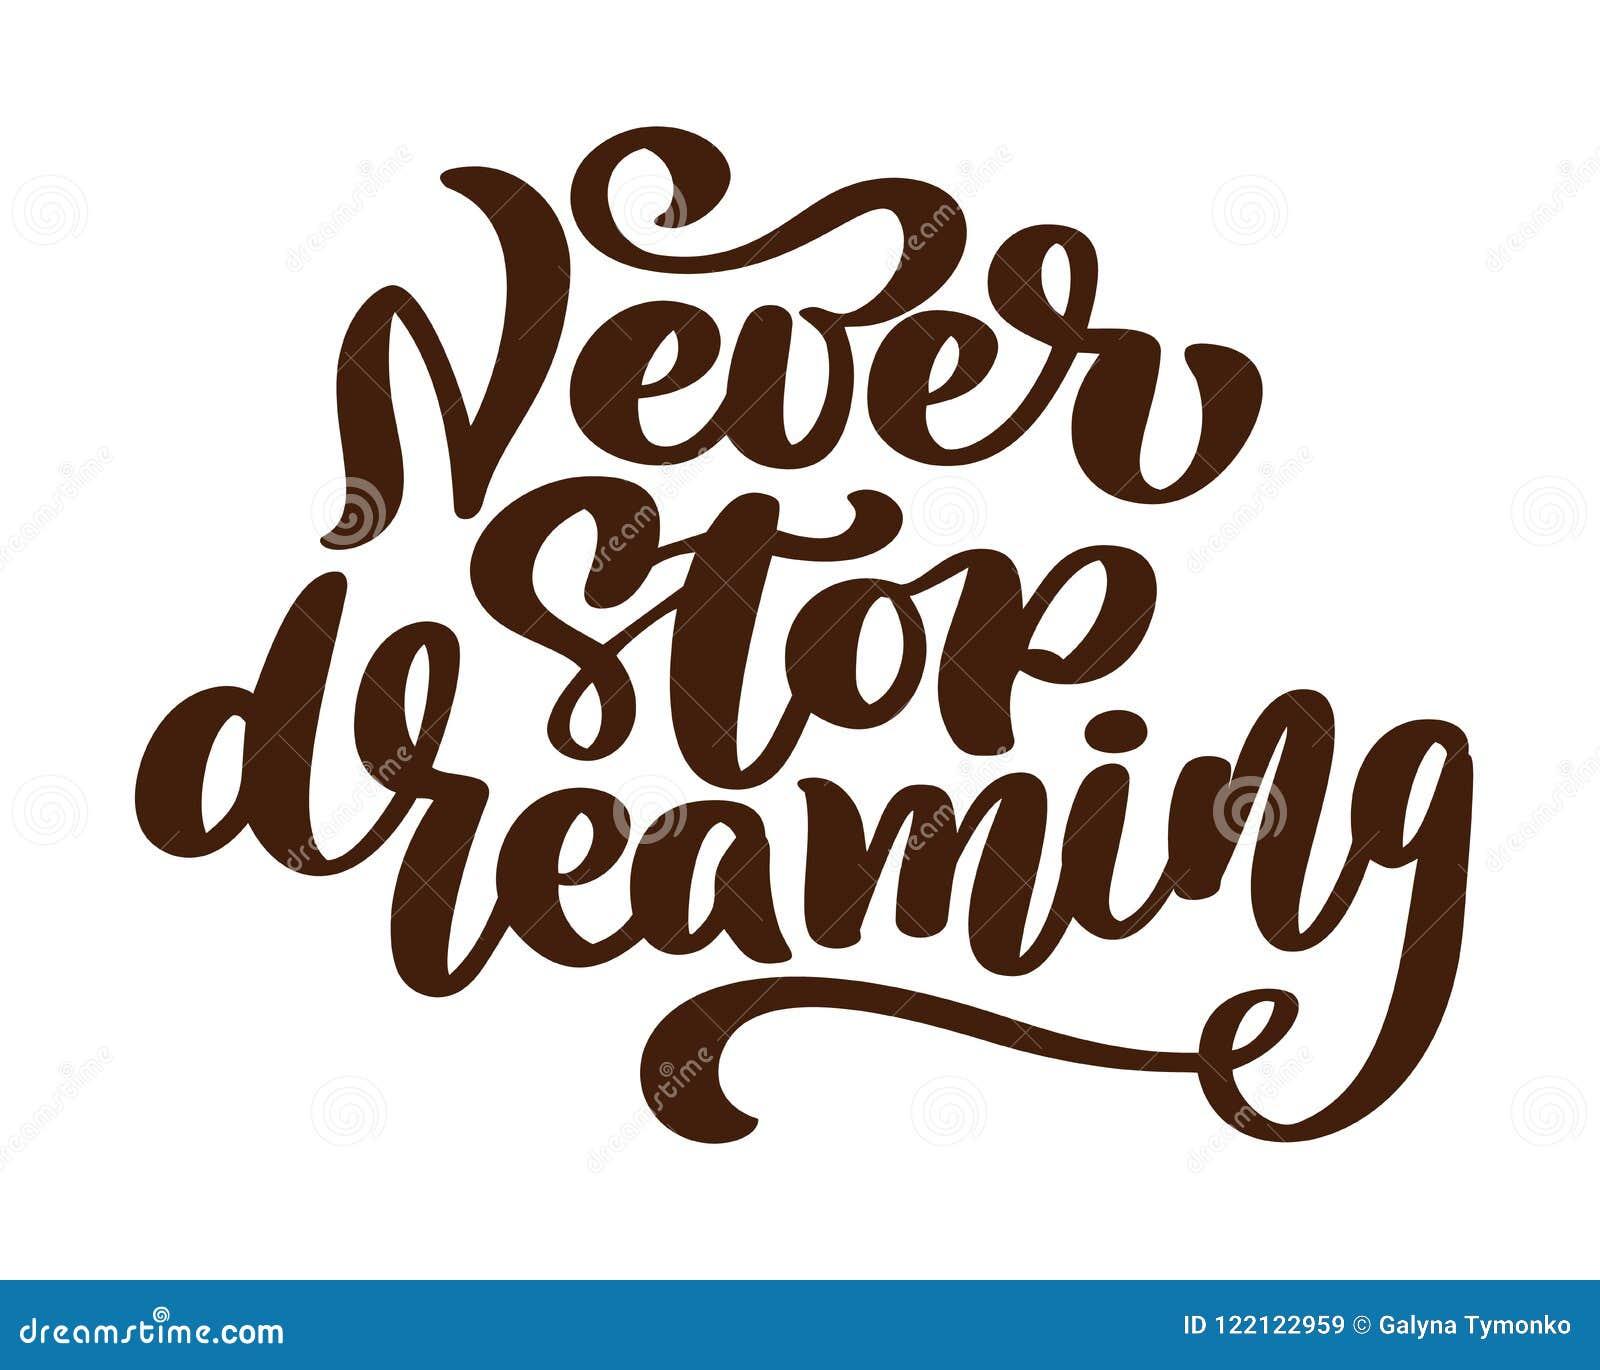 Non fermi mai sognare, mano motivazionale scritta il tipo di calligrafia della spazzola, illustrazione di vettore isolata su fond